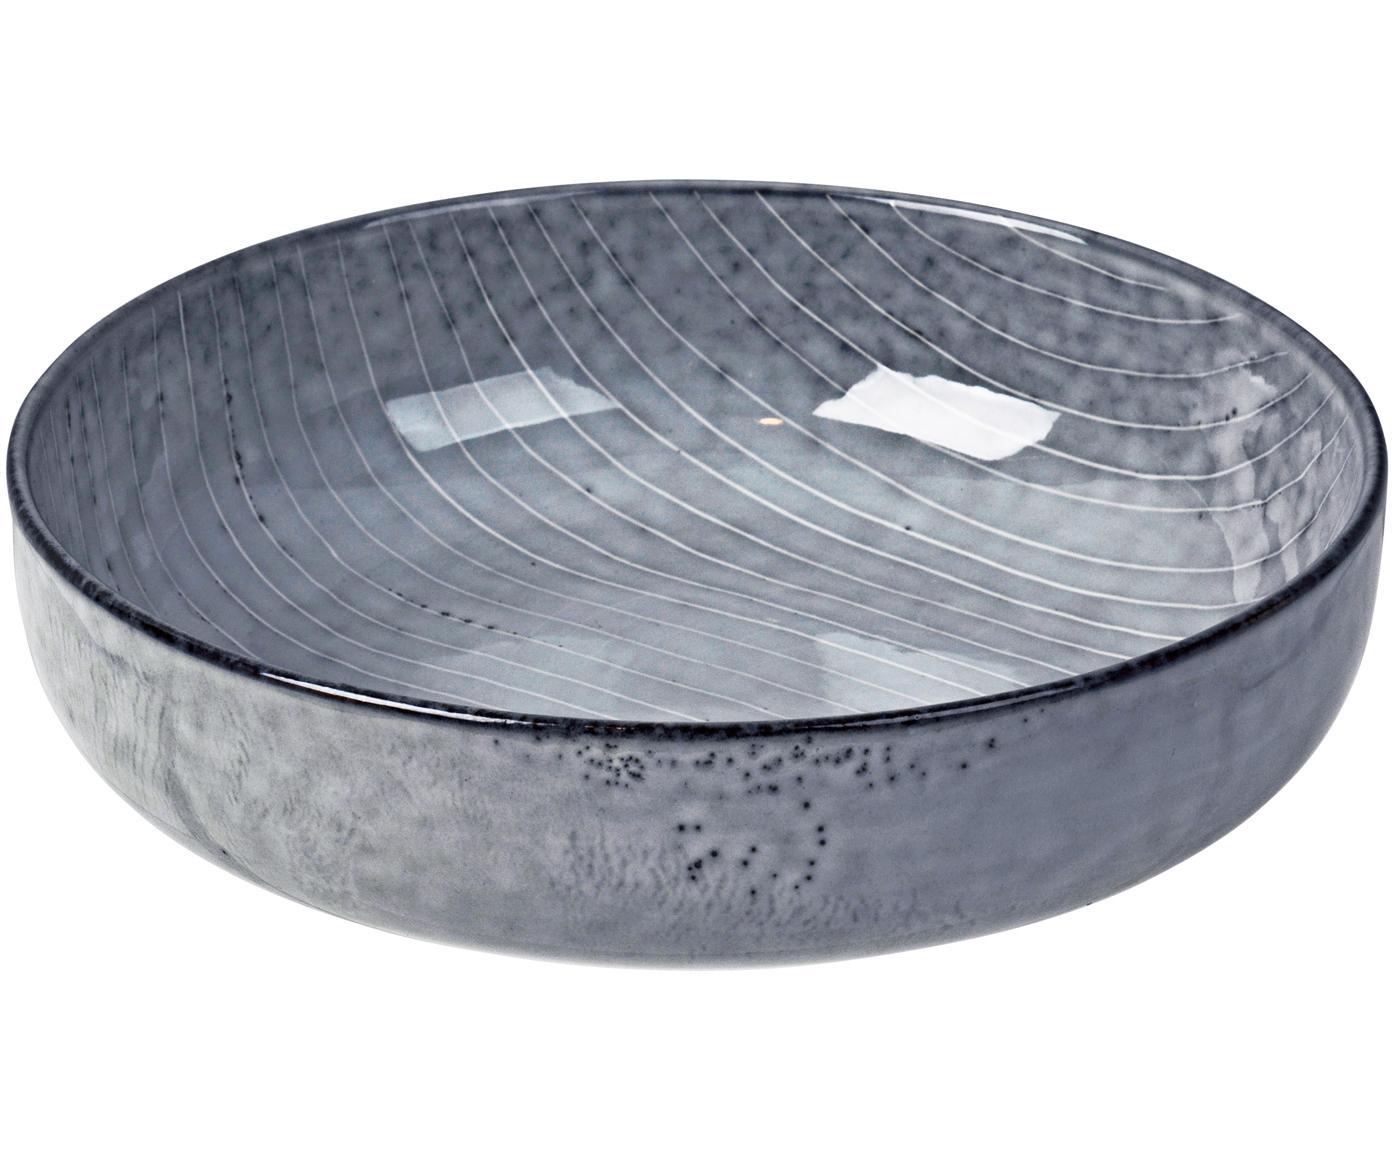 Cuencos artesanales Nordic Sea, 4uds., Gres, Tonos de gris y azul, Ø 17 cm